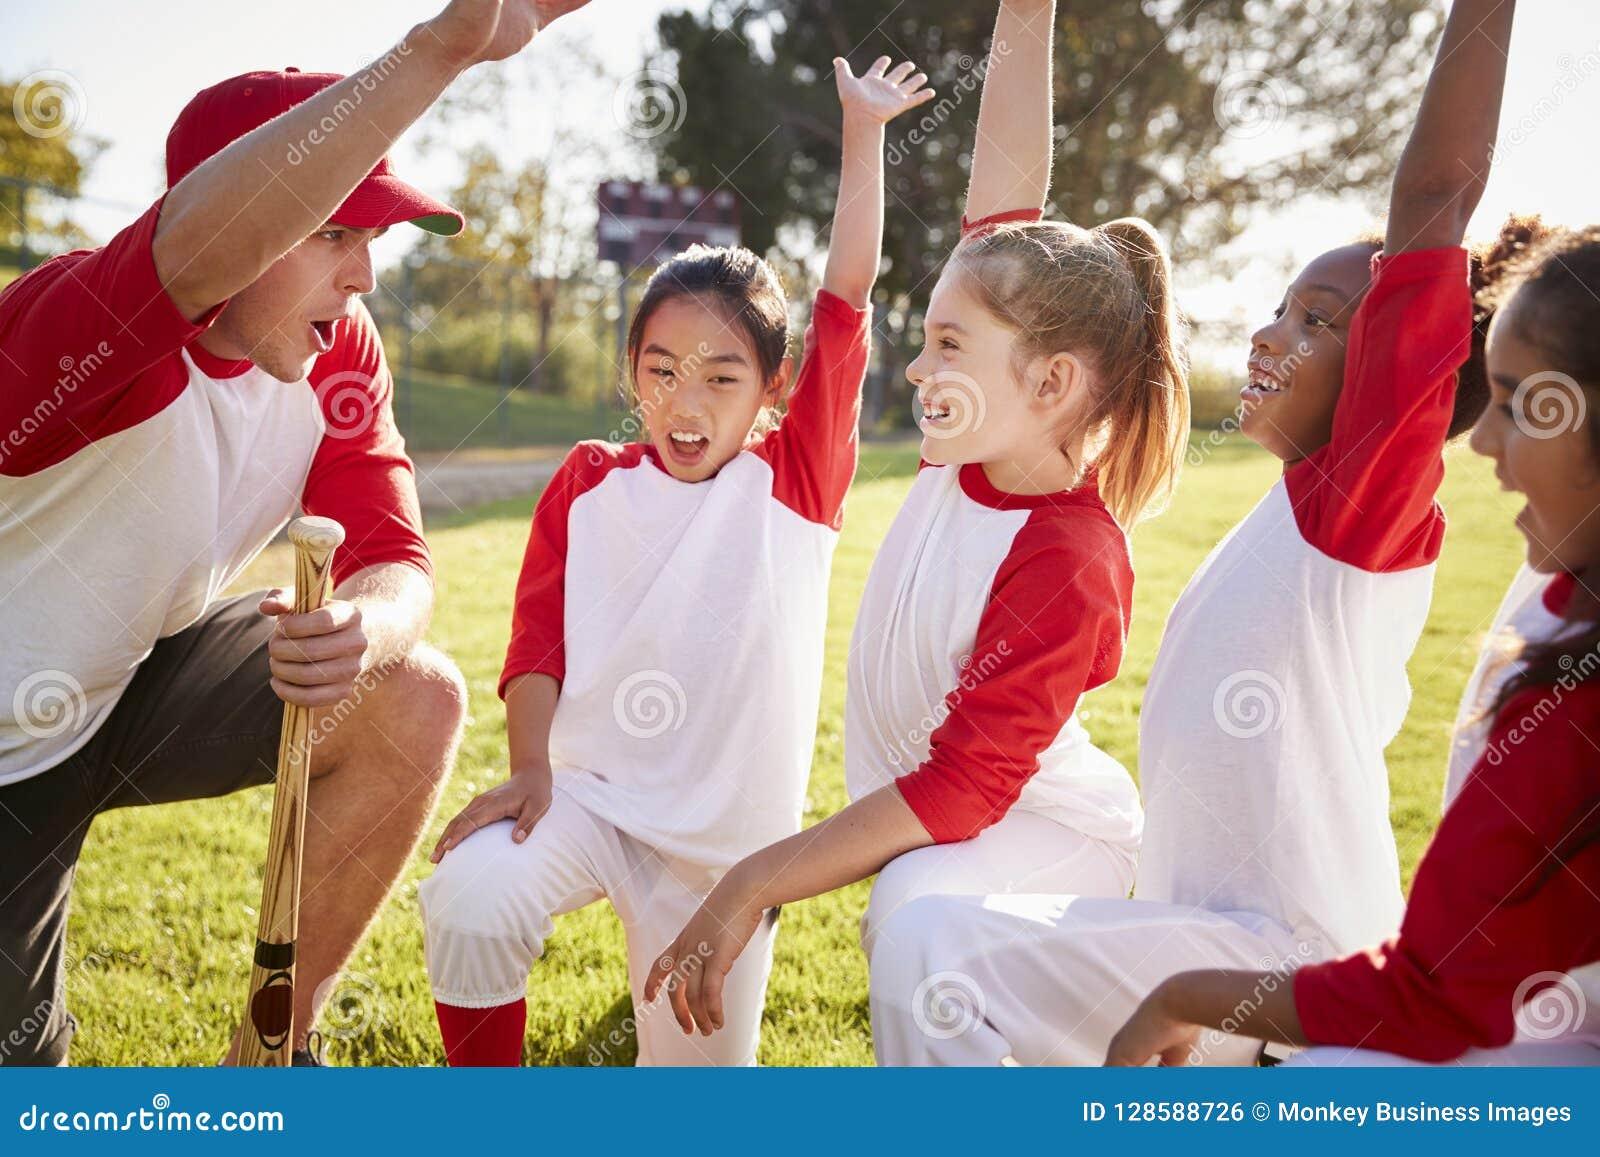 女孩下跪与他们的教练的棒球队,举手